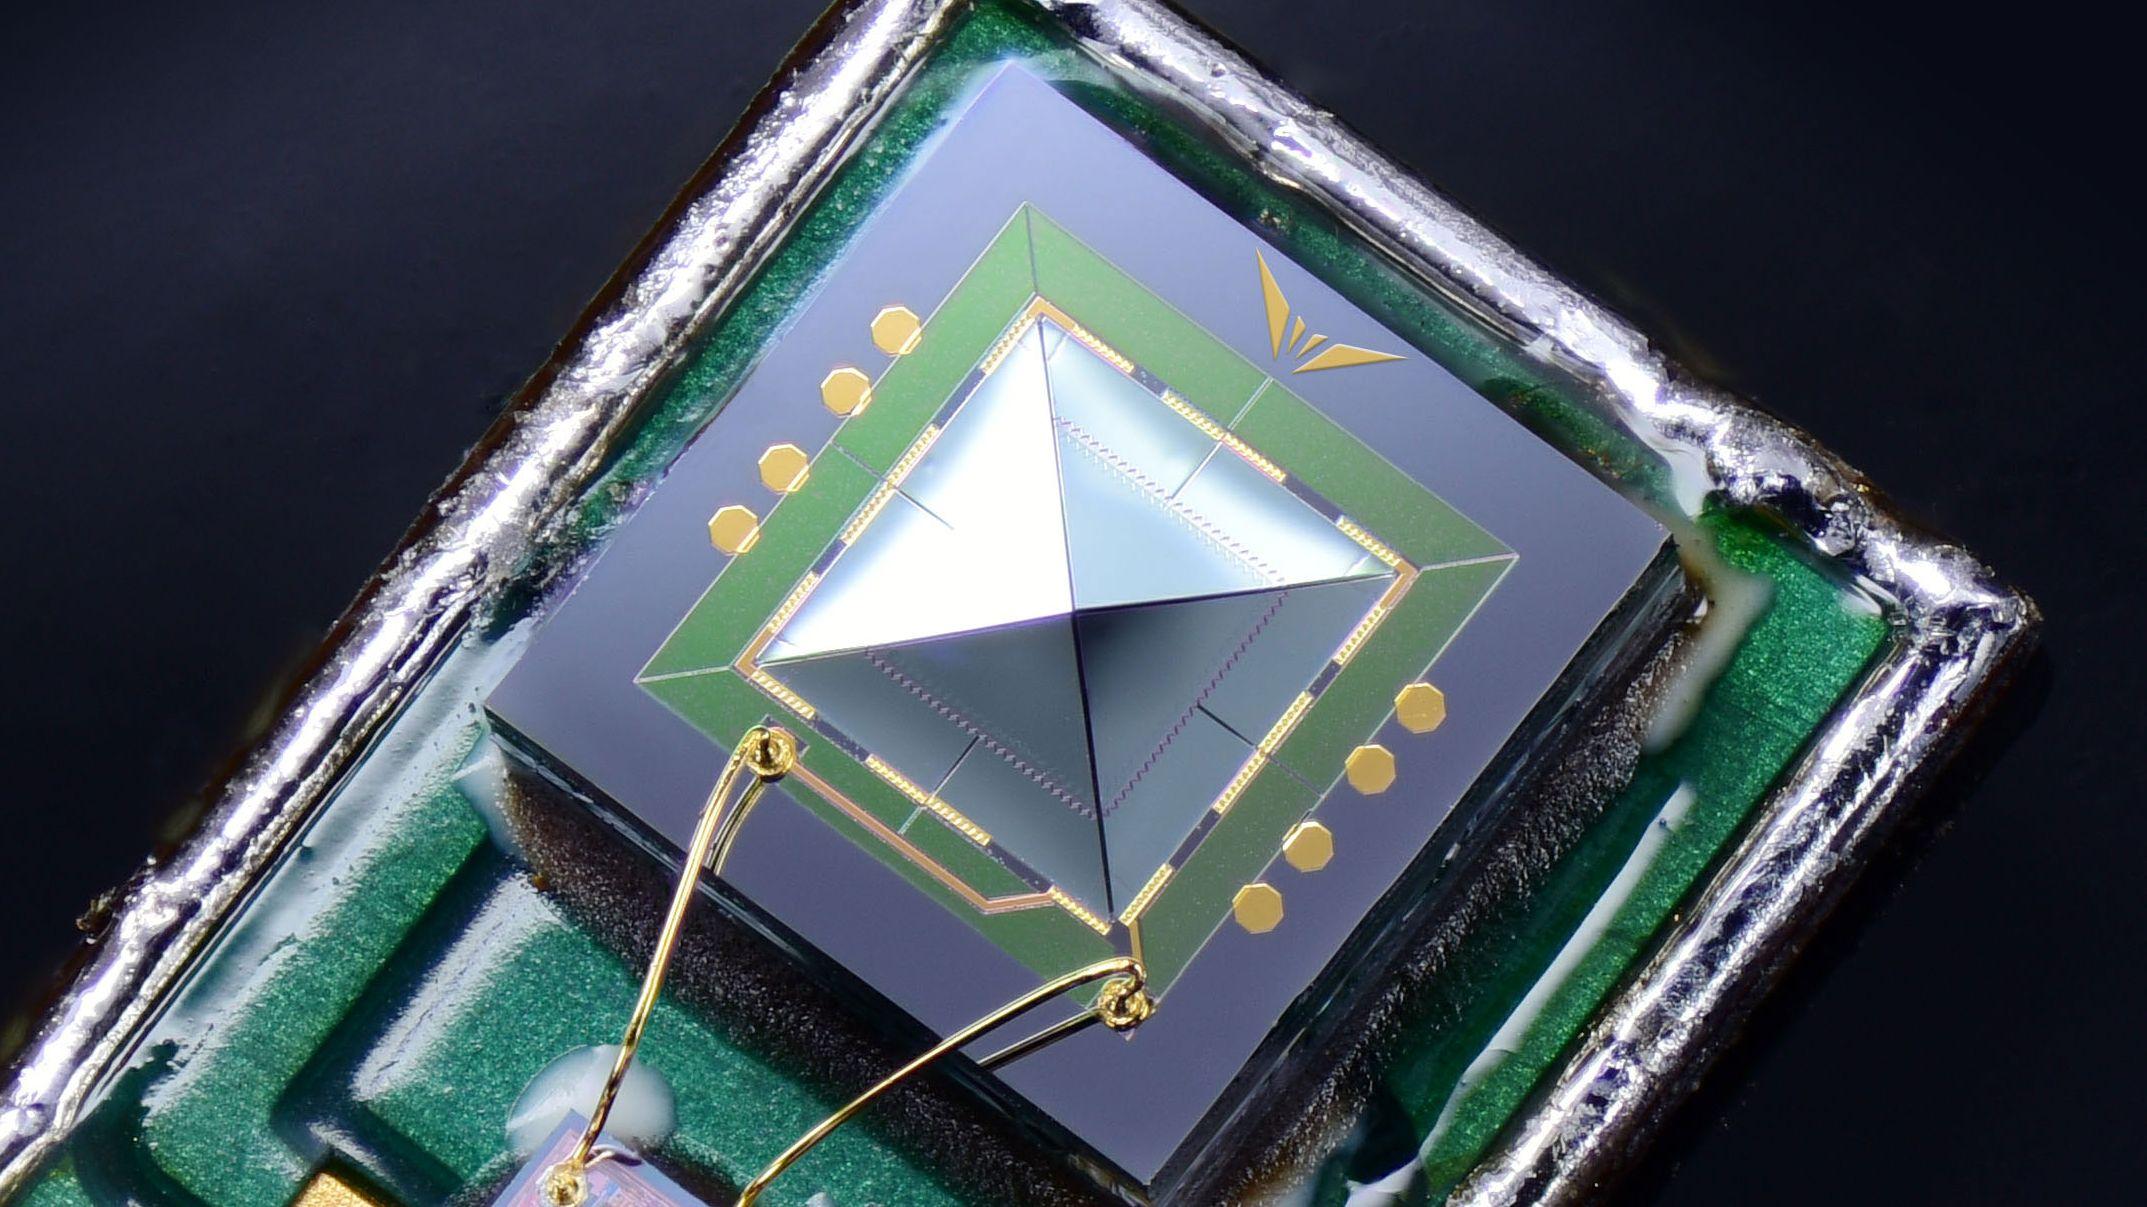 アマゾン・エコーが採用? 防水防塵低電力な MEMSマイク